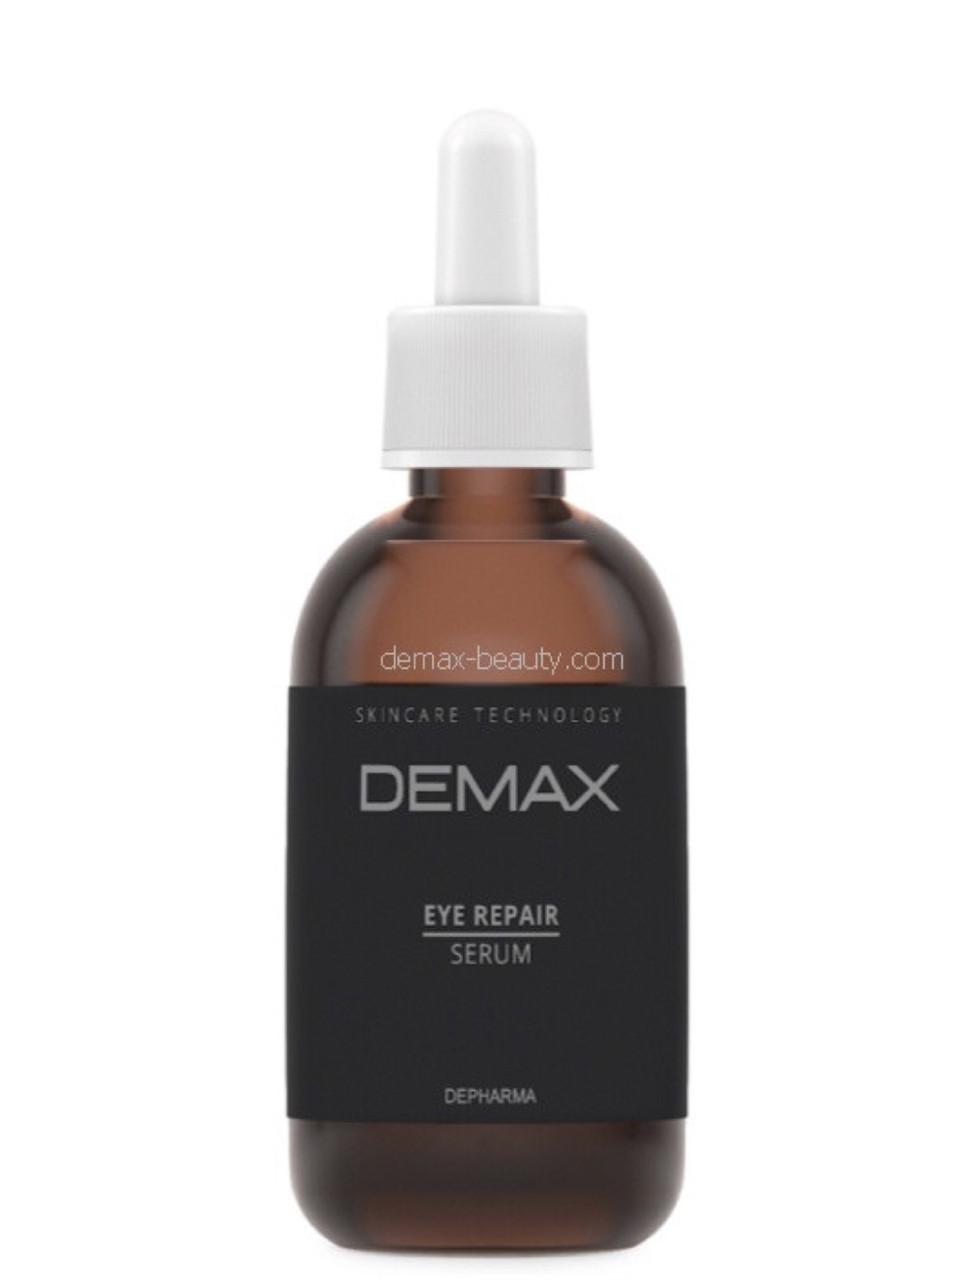 Сыворотка для кожи вокруг глаз от отеков и темных кругов под глазами Demax Еye repair 50ml арт.258-1